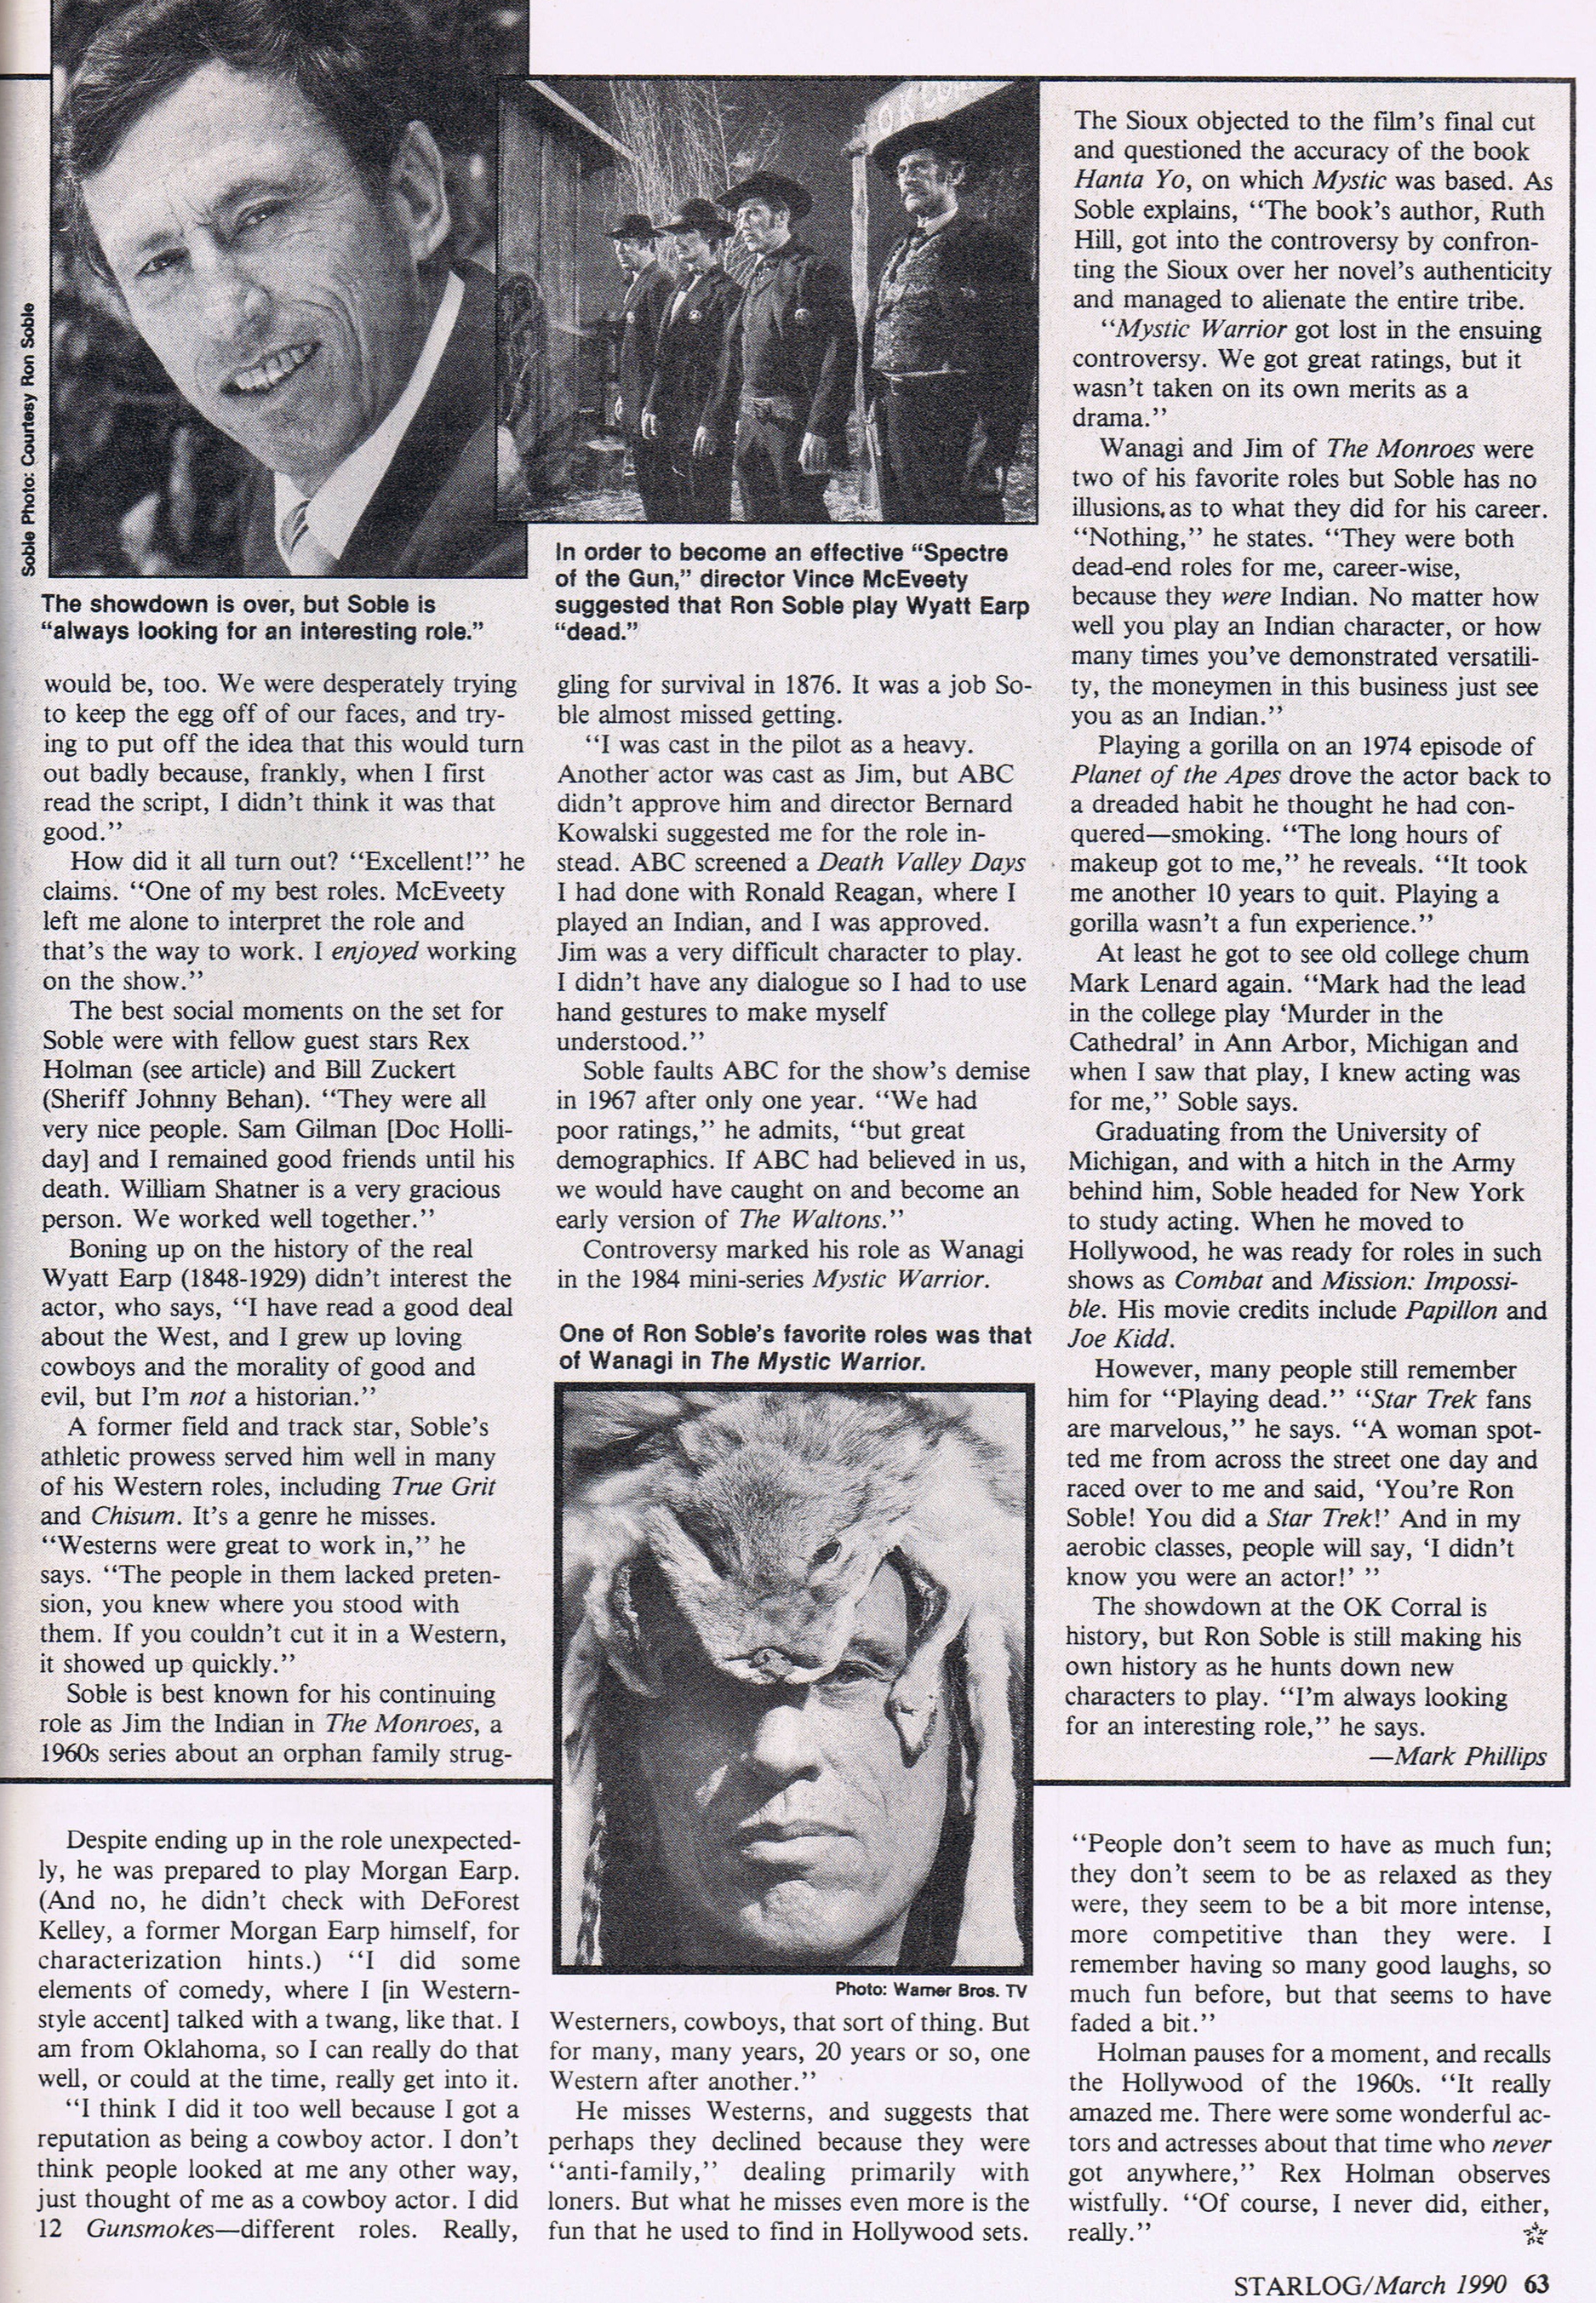 Rex Holman interview Starlog Magazine issue 152 from 1990.